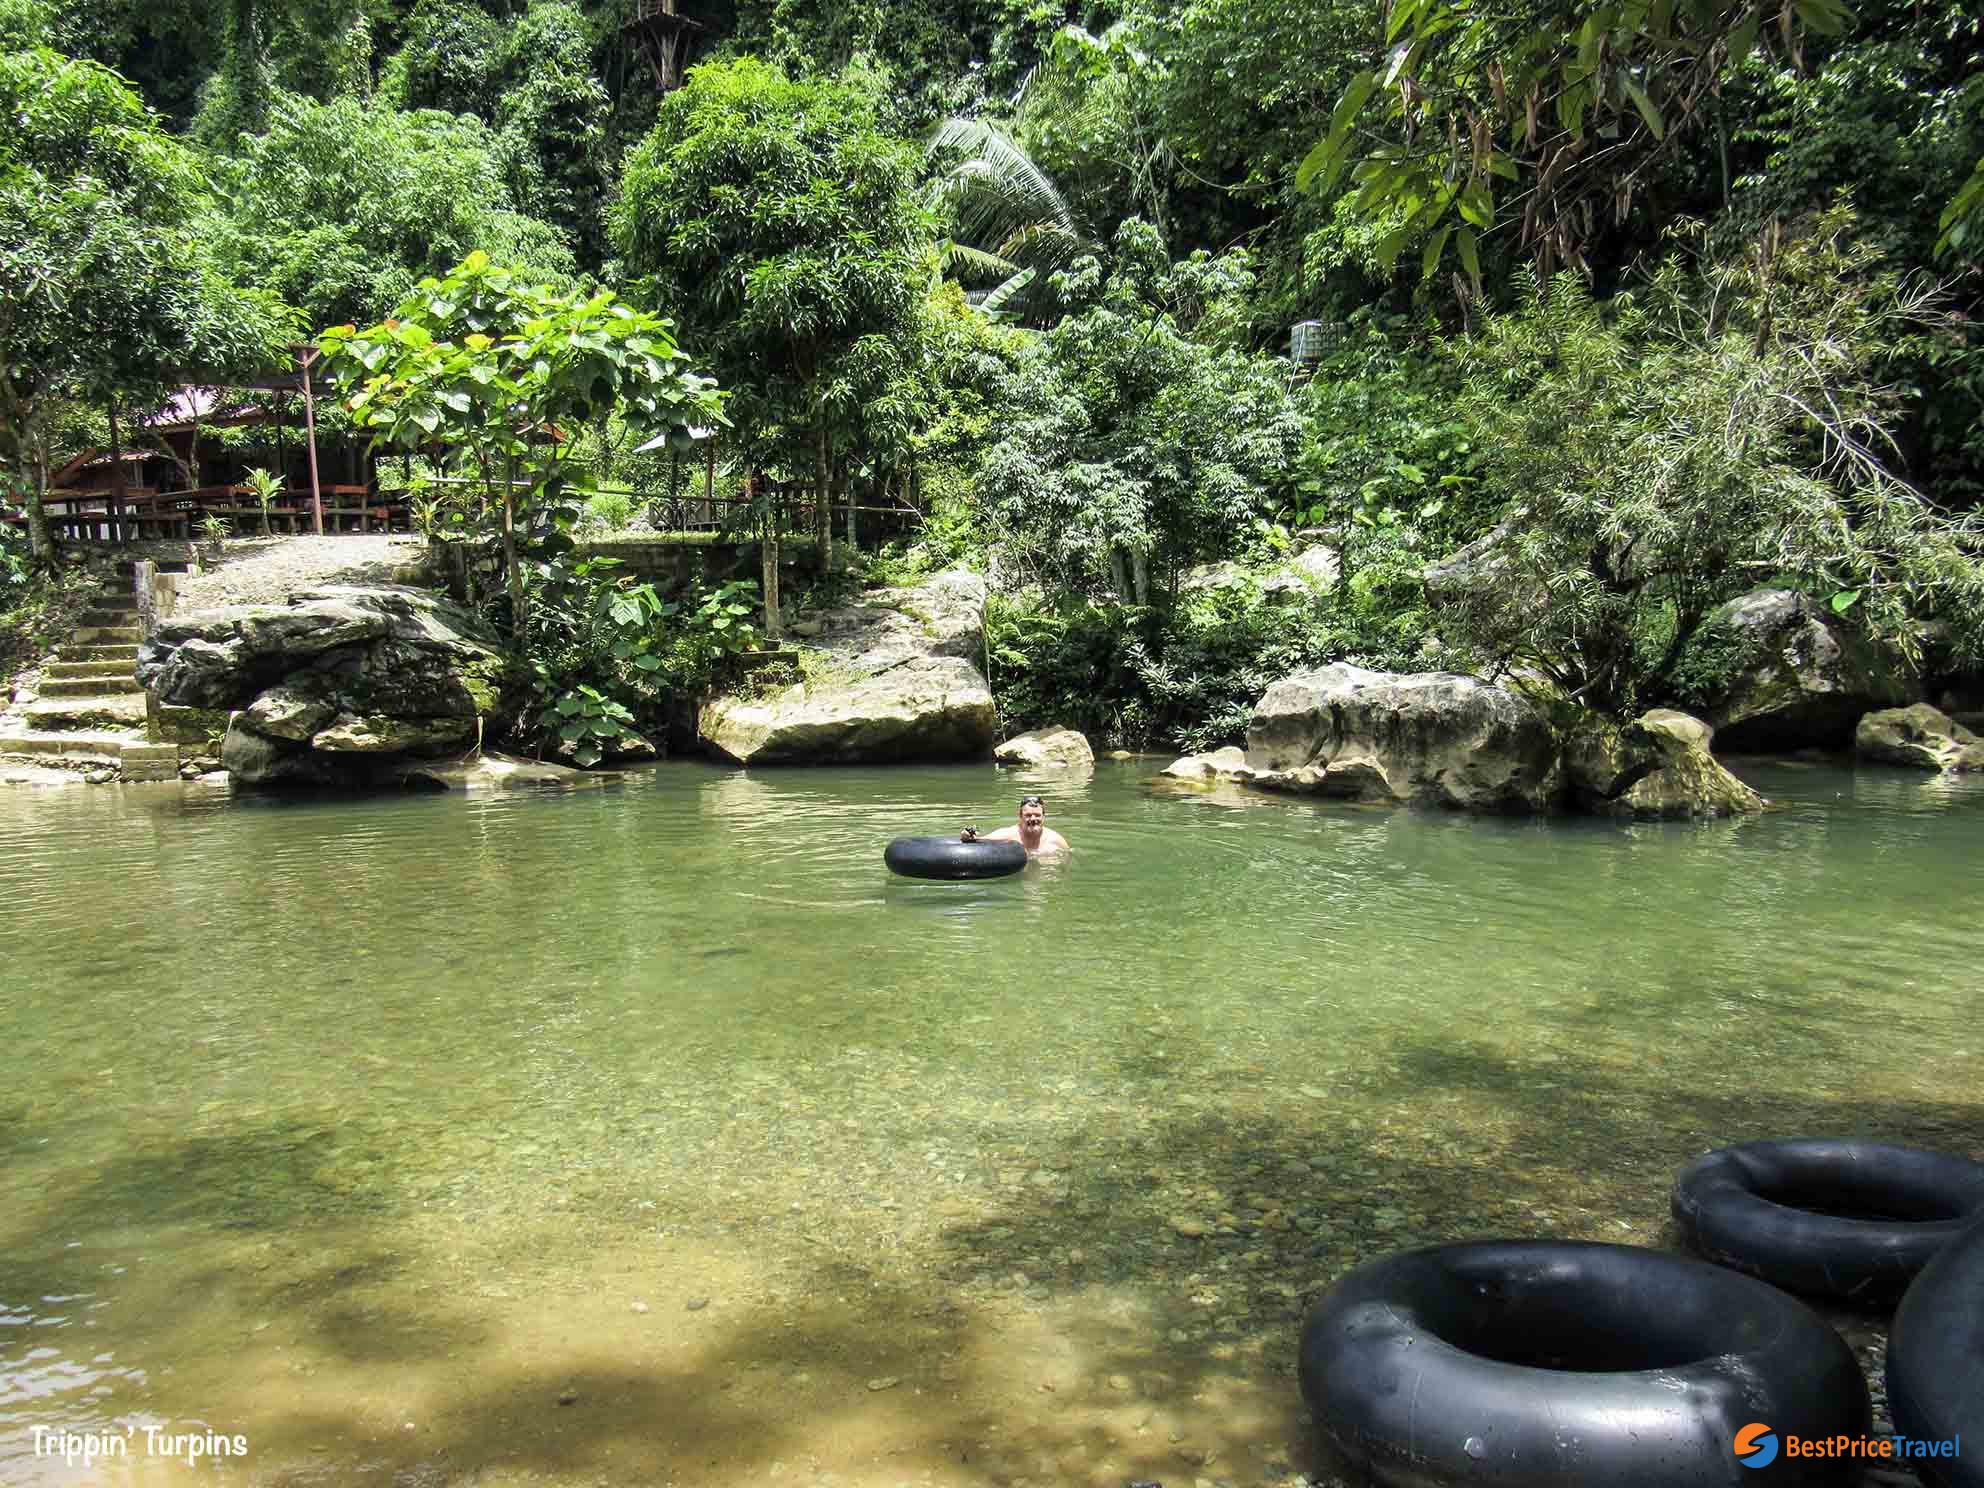 Tham Nam Cave